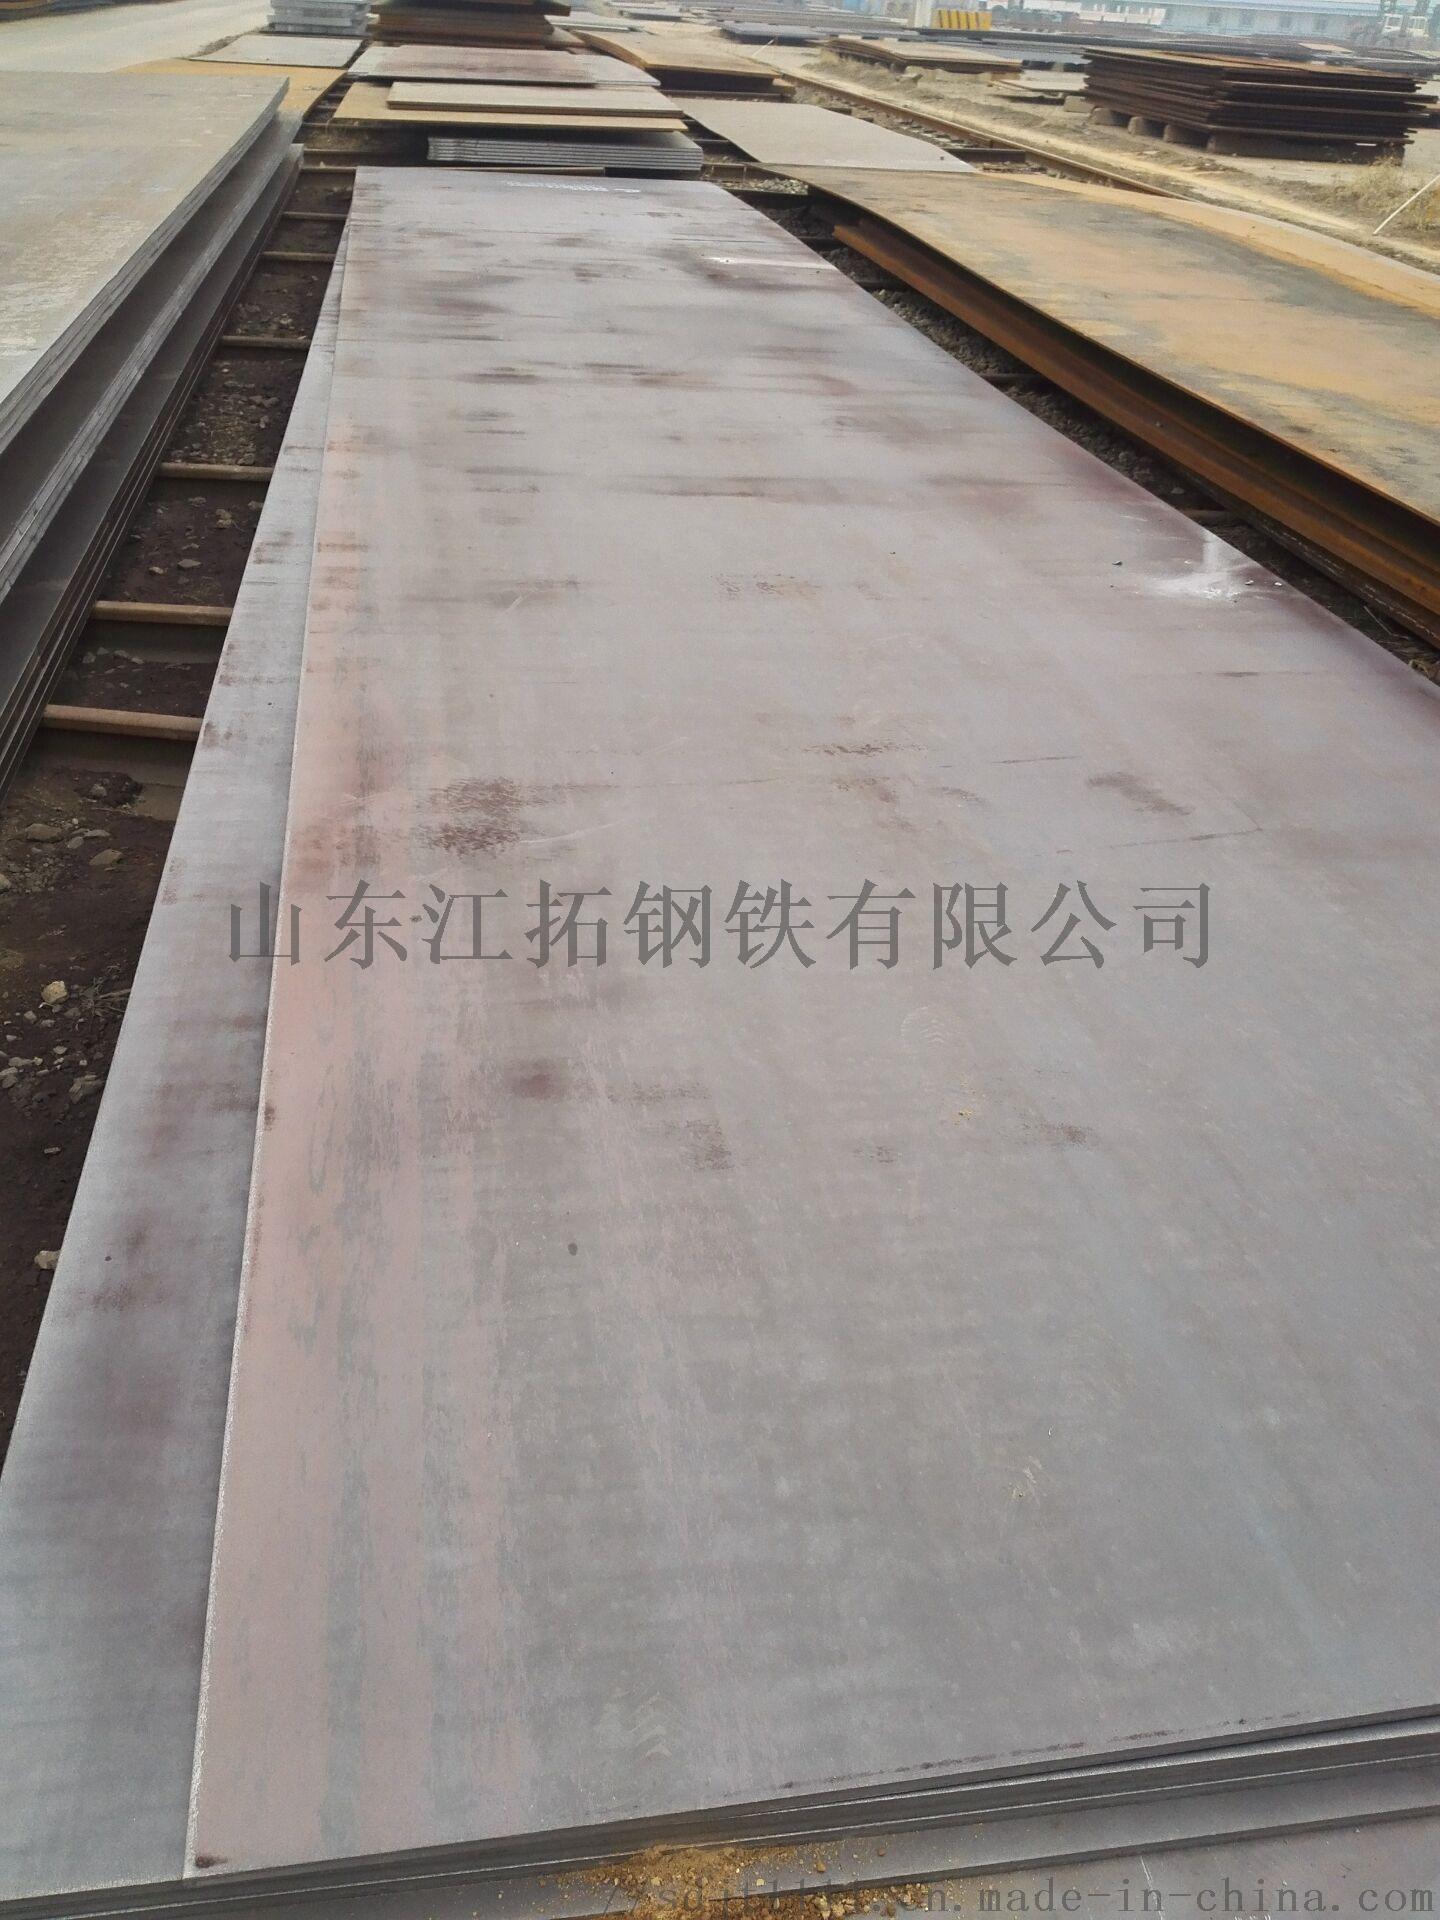 莱钢H型钢现货资源 日钢H型钢厂家直发规格齐全 发货快904302615